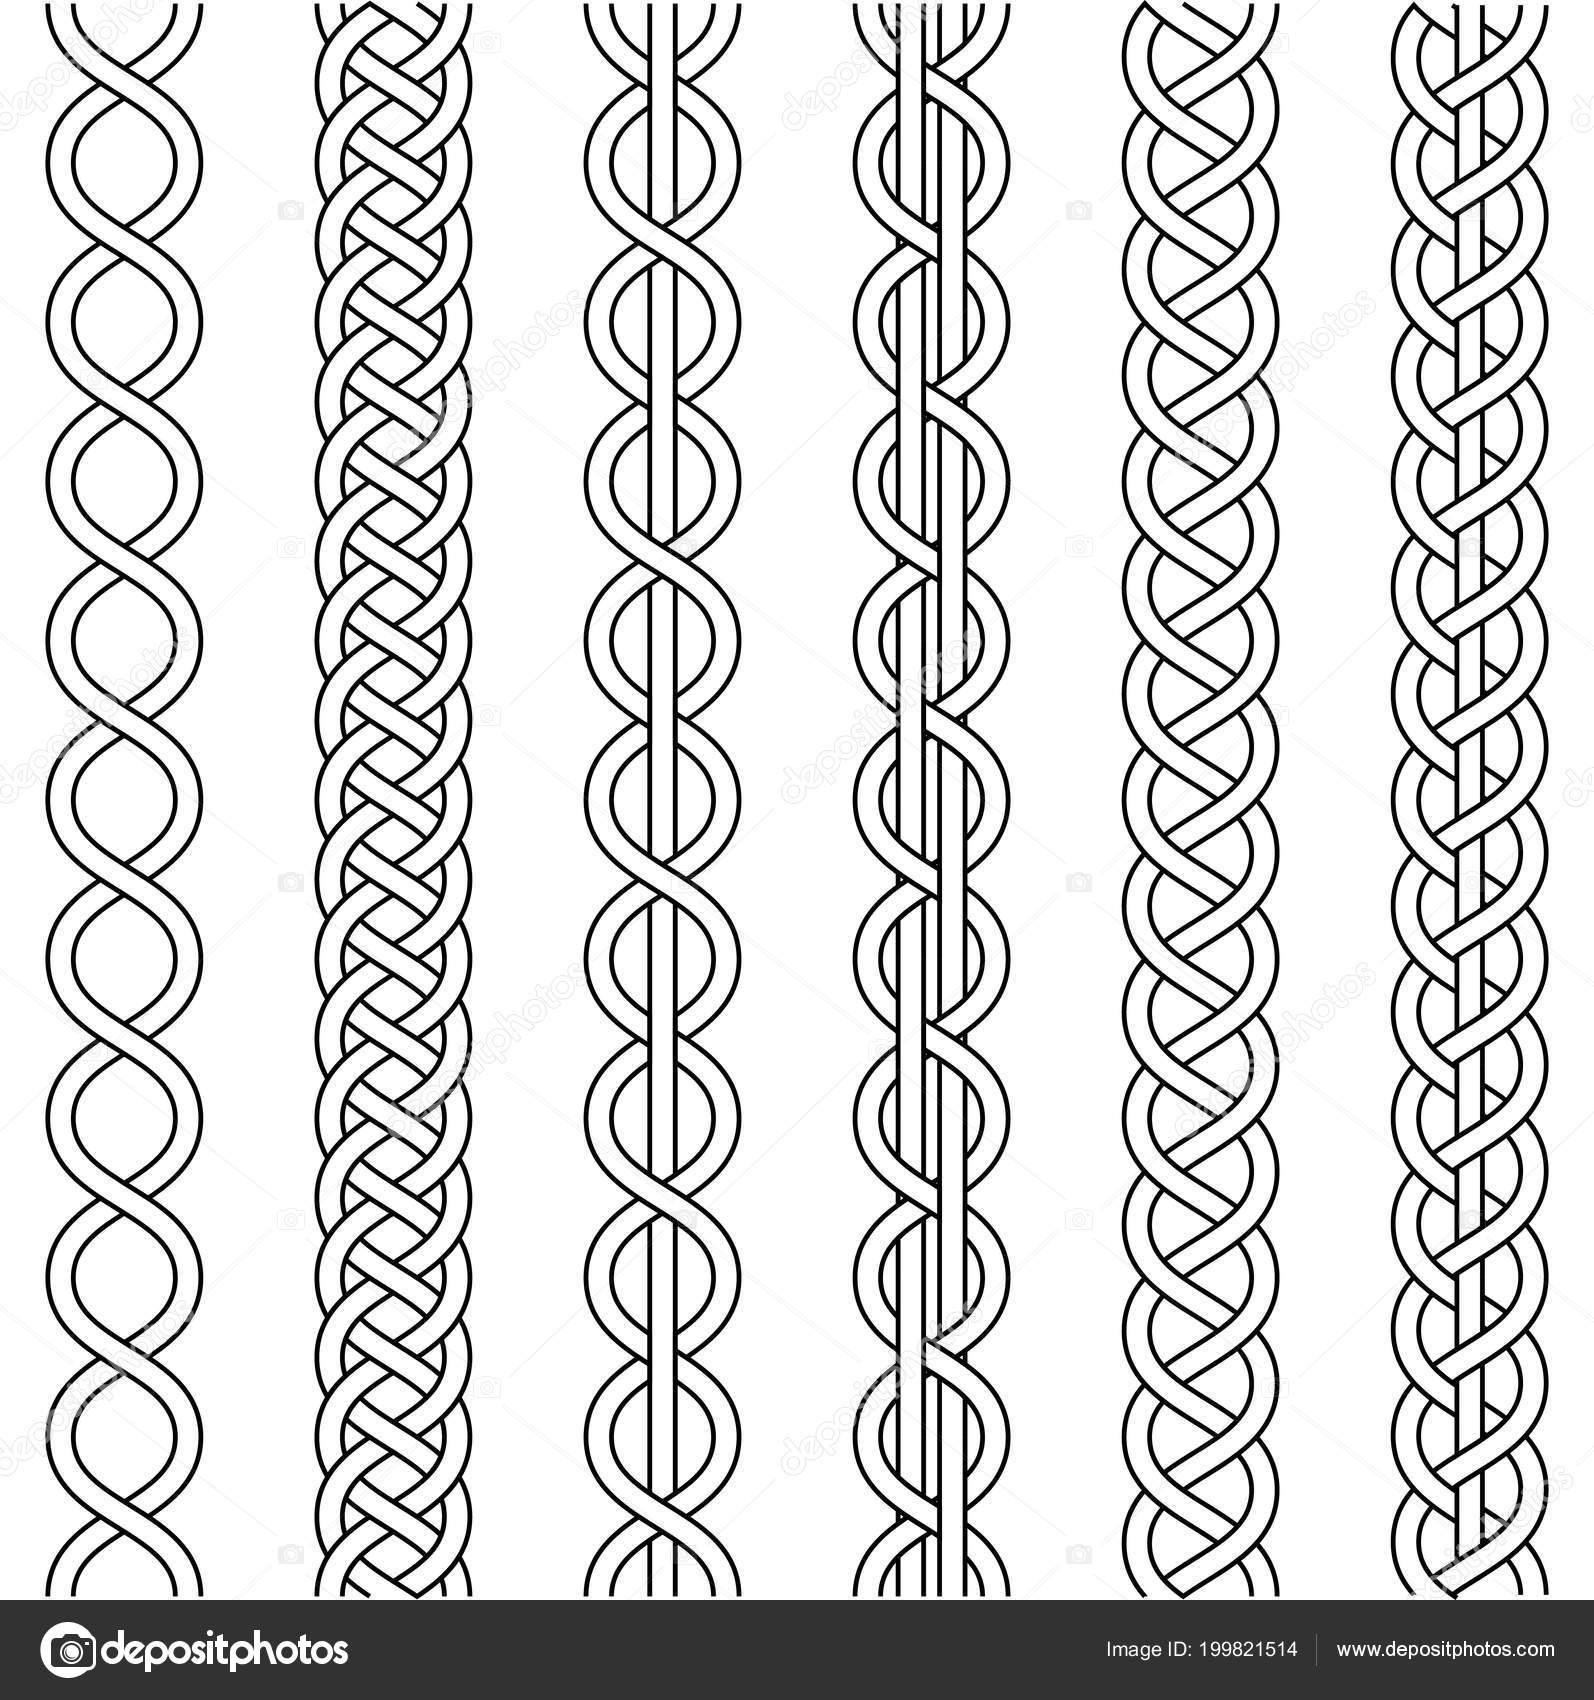 Cuerda de cable tejido, nudo trenza trenzado macrame crochet tejido ...